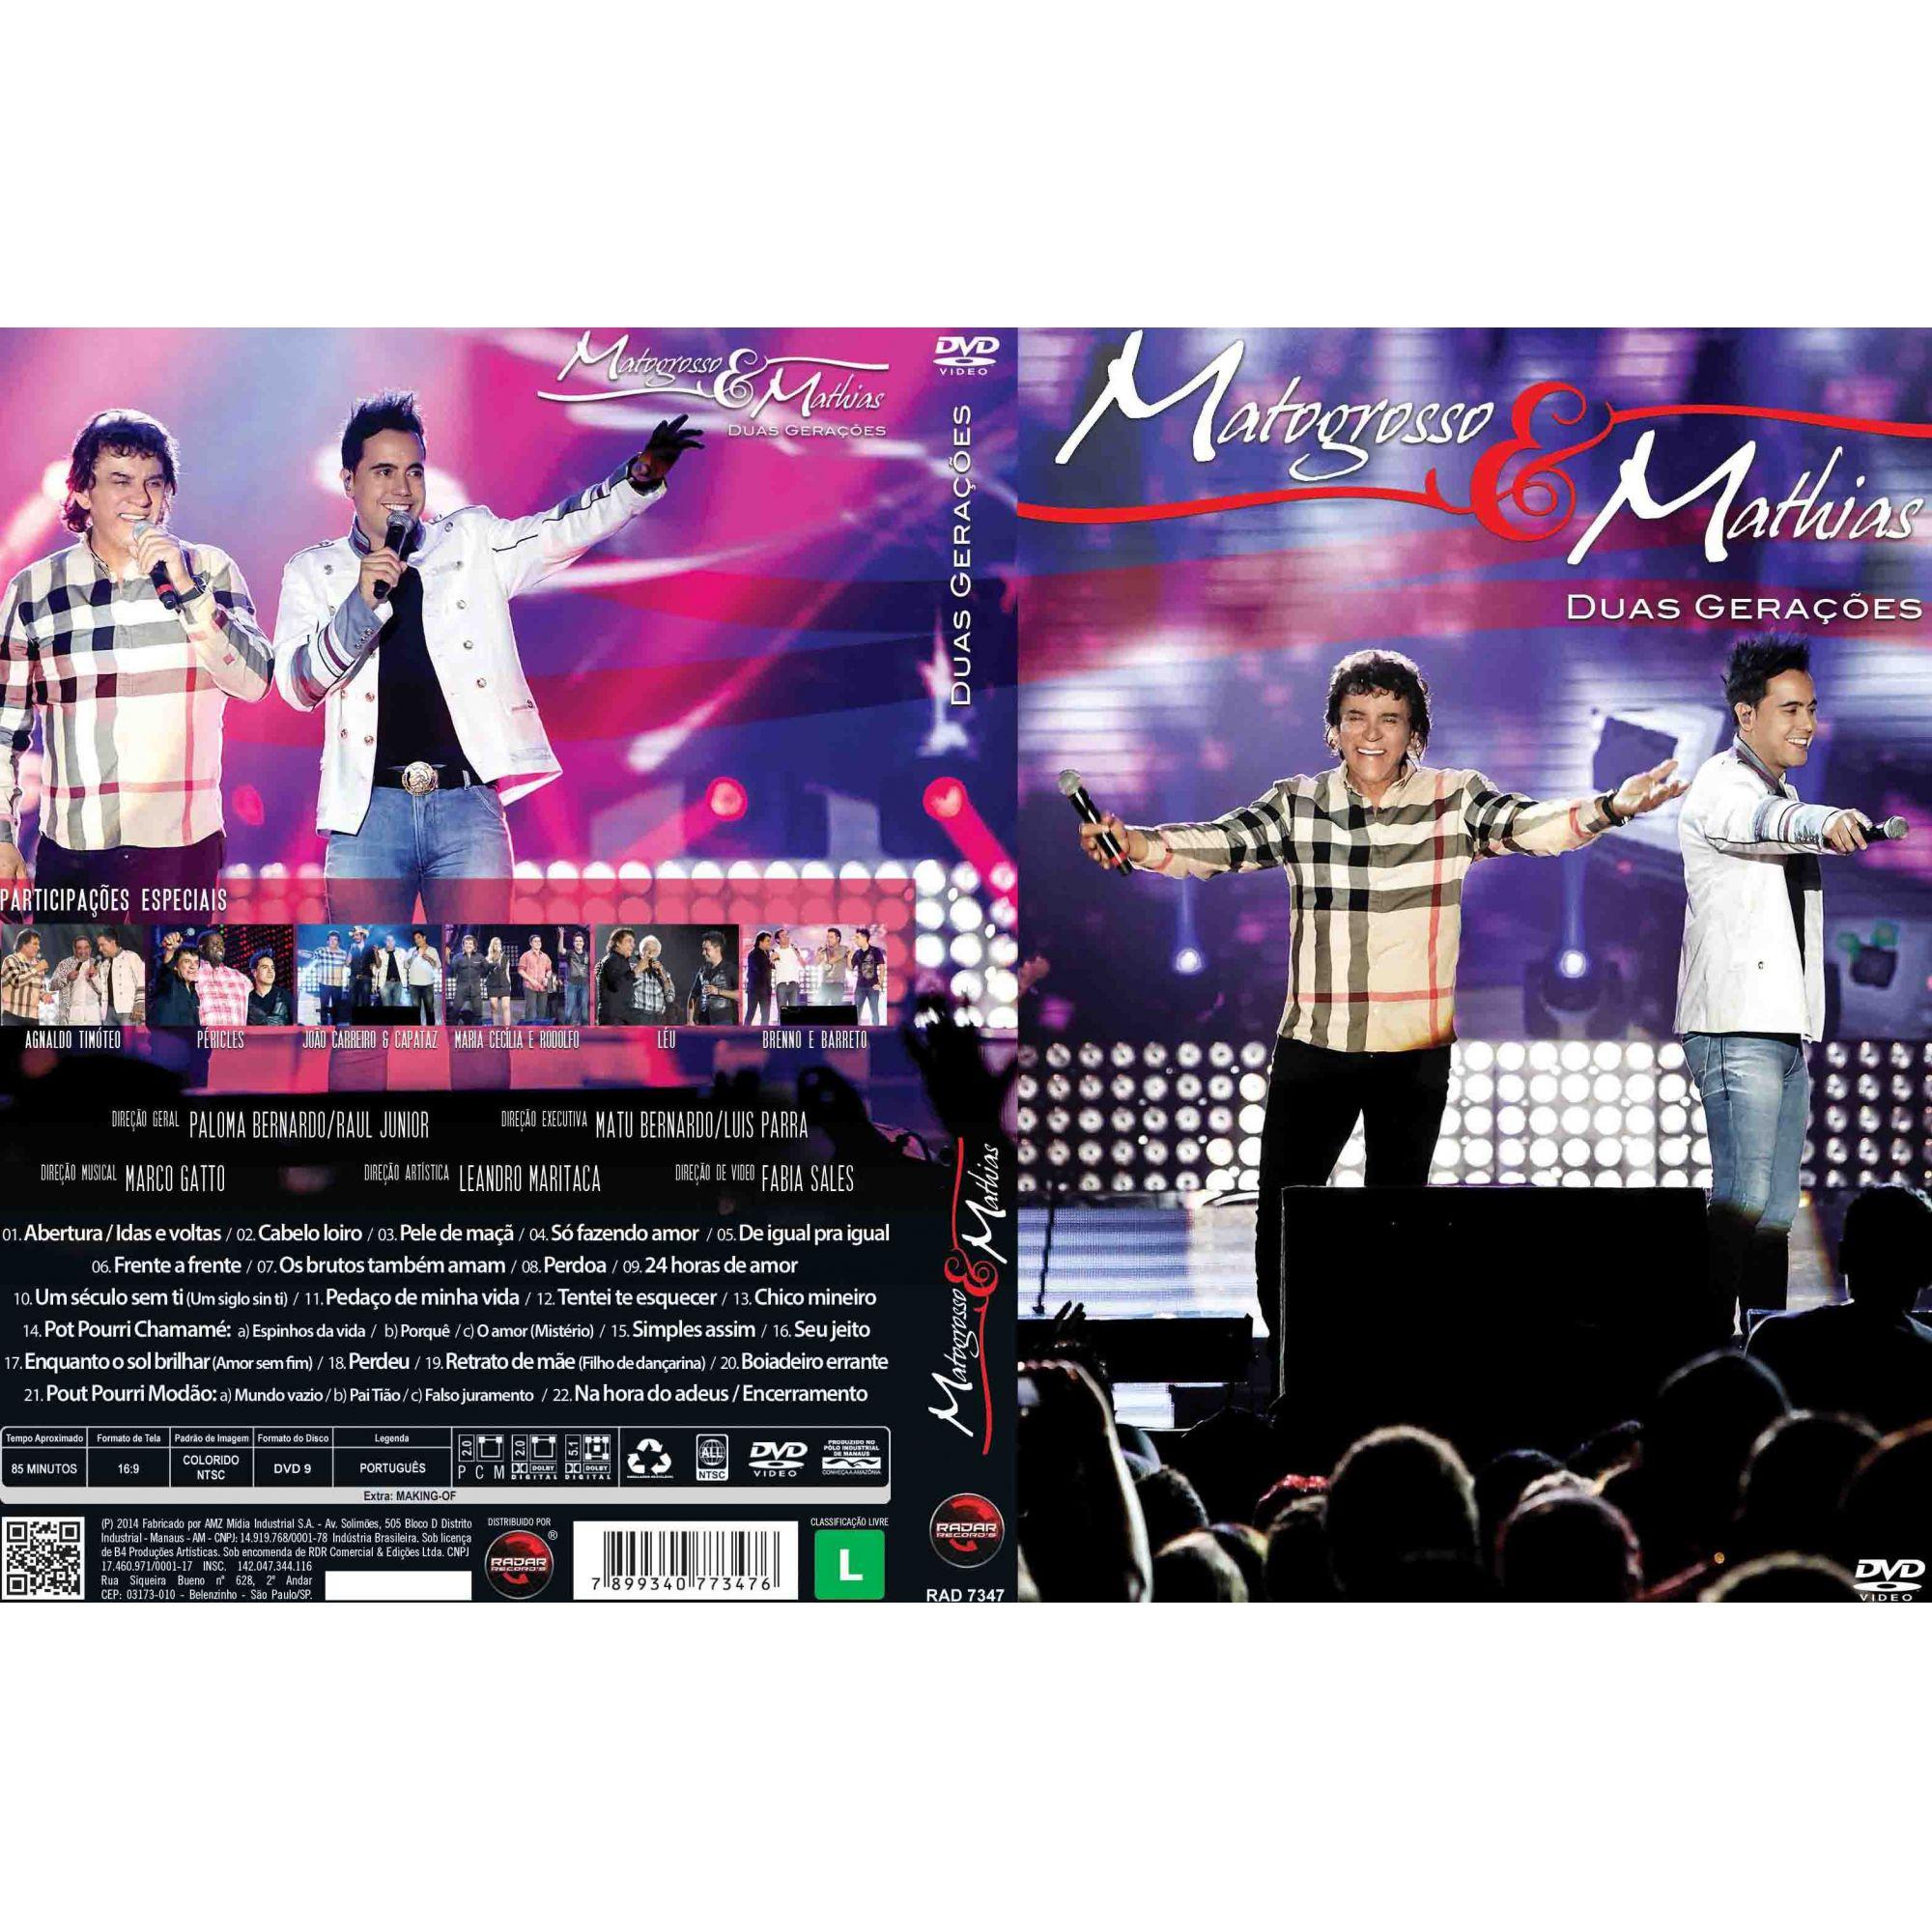 DVD Matogrosso & Mathias - Duas Gerações (Ao Vivo)